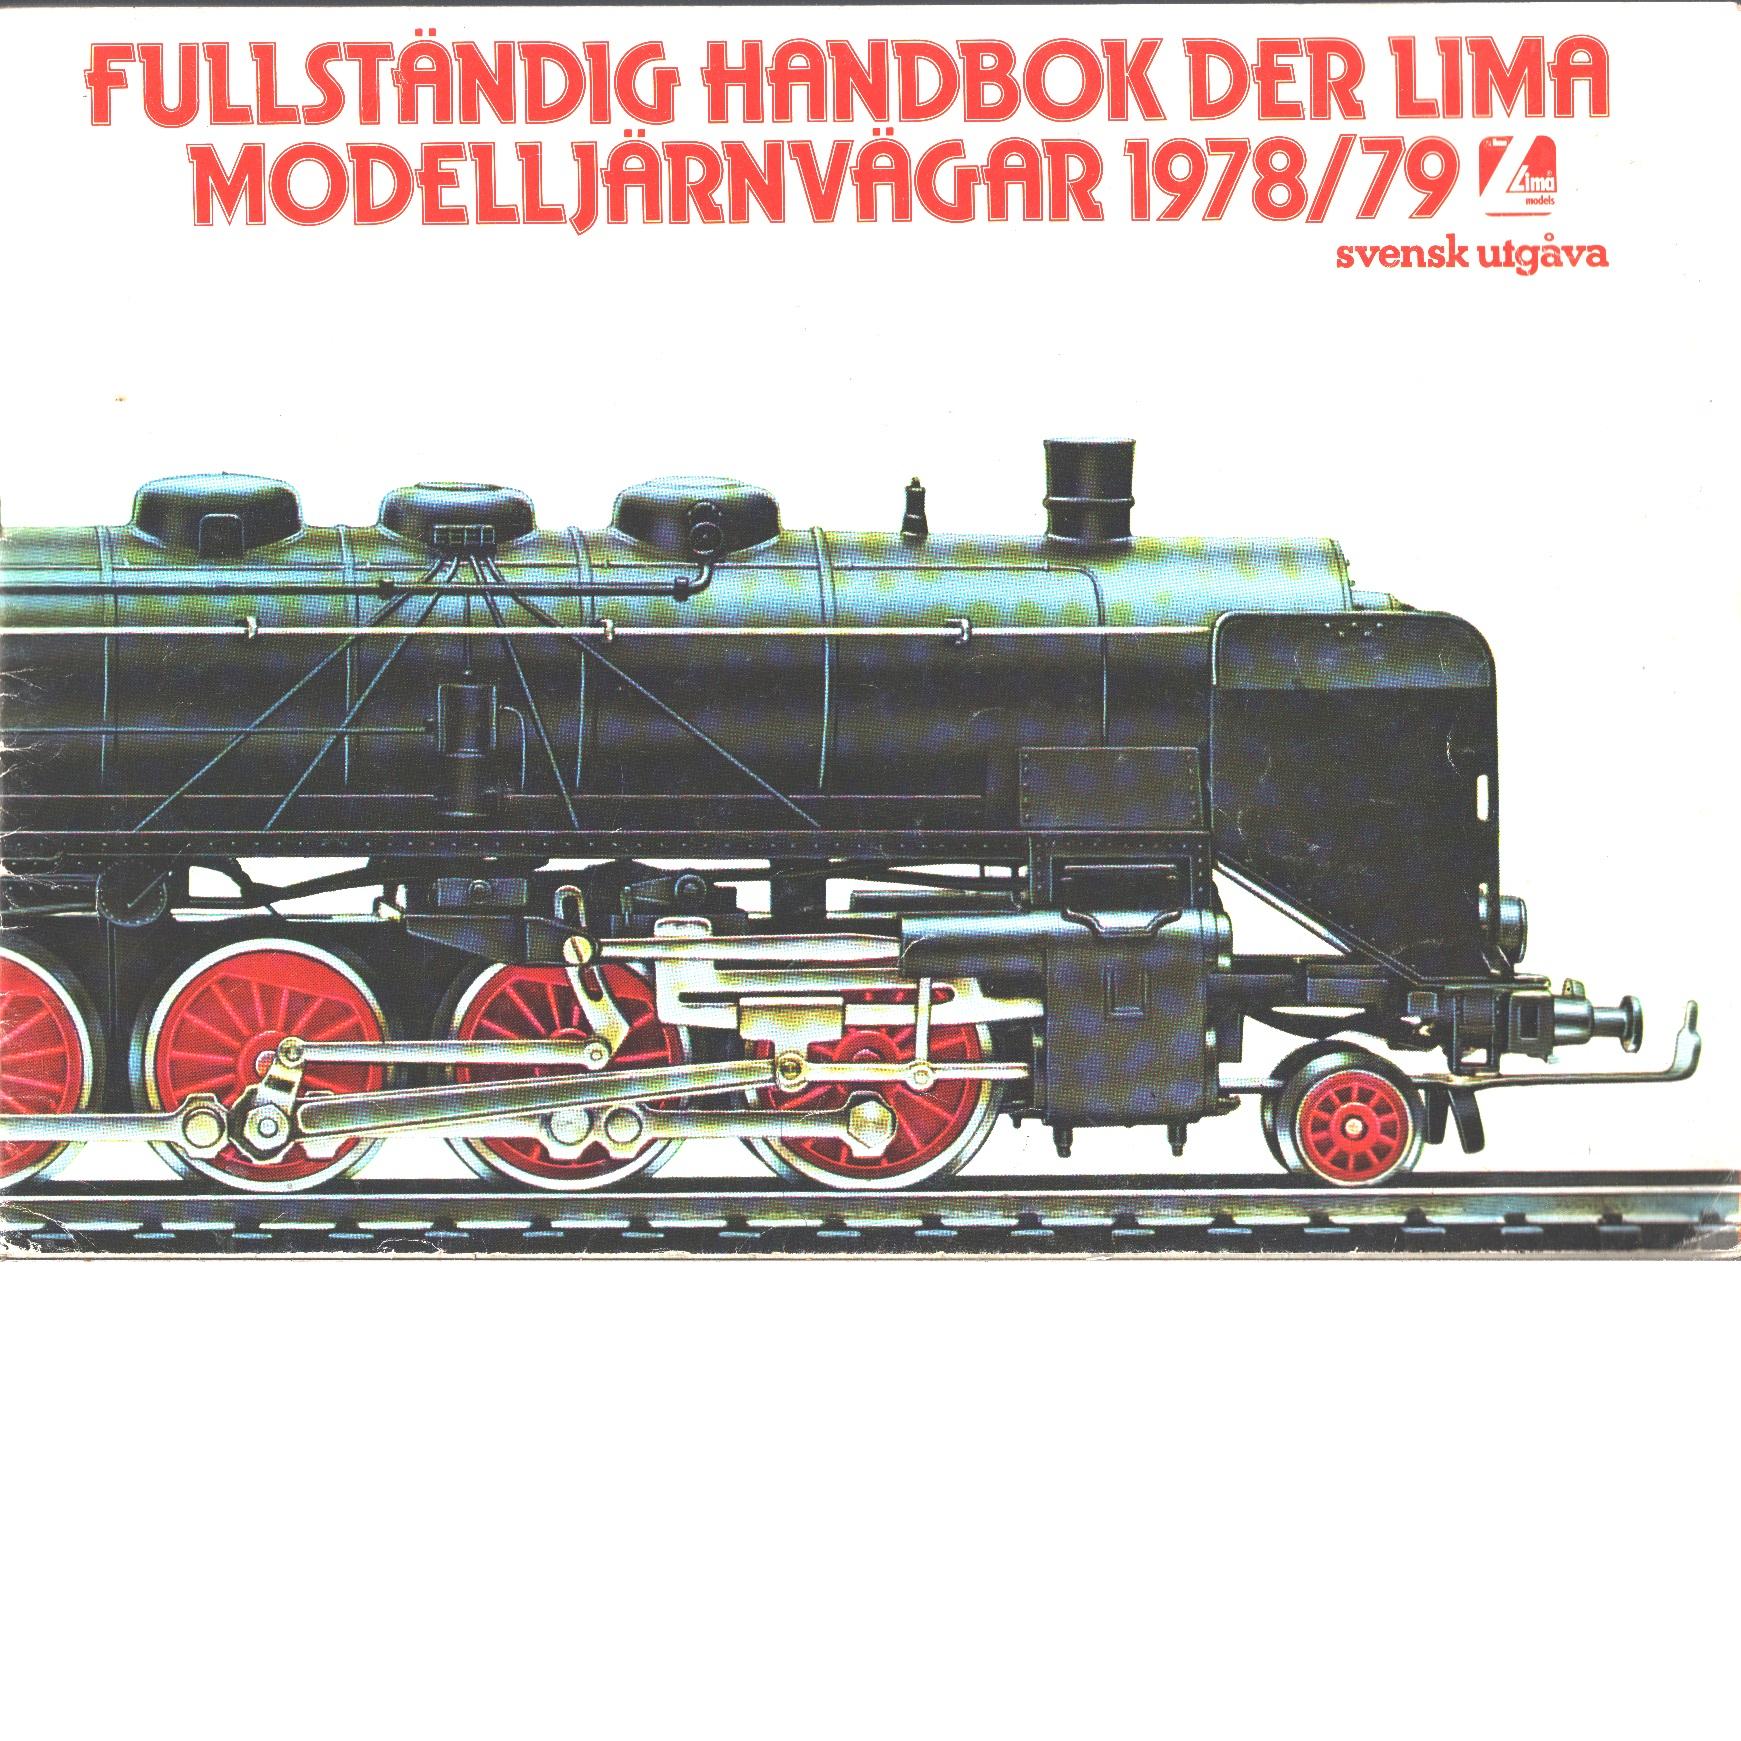 Fullständig handbok der Lima modelljärnvägar 1978/79 - Red.